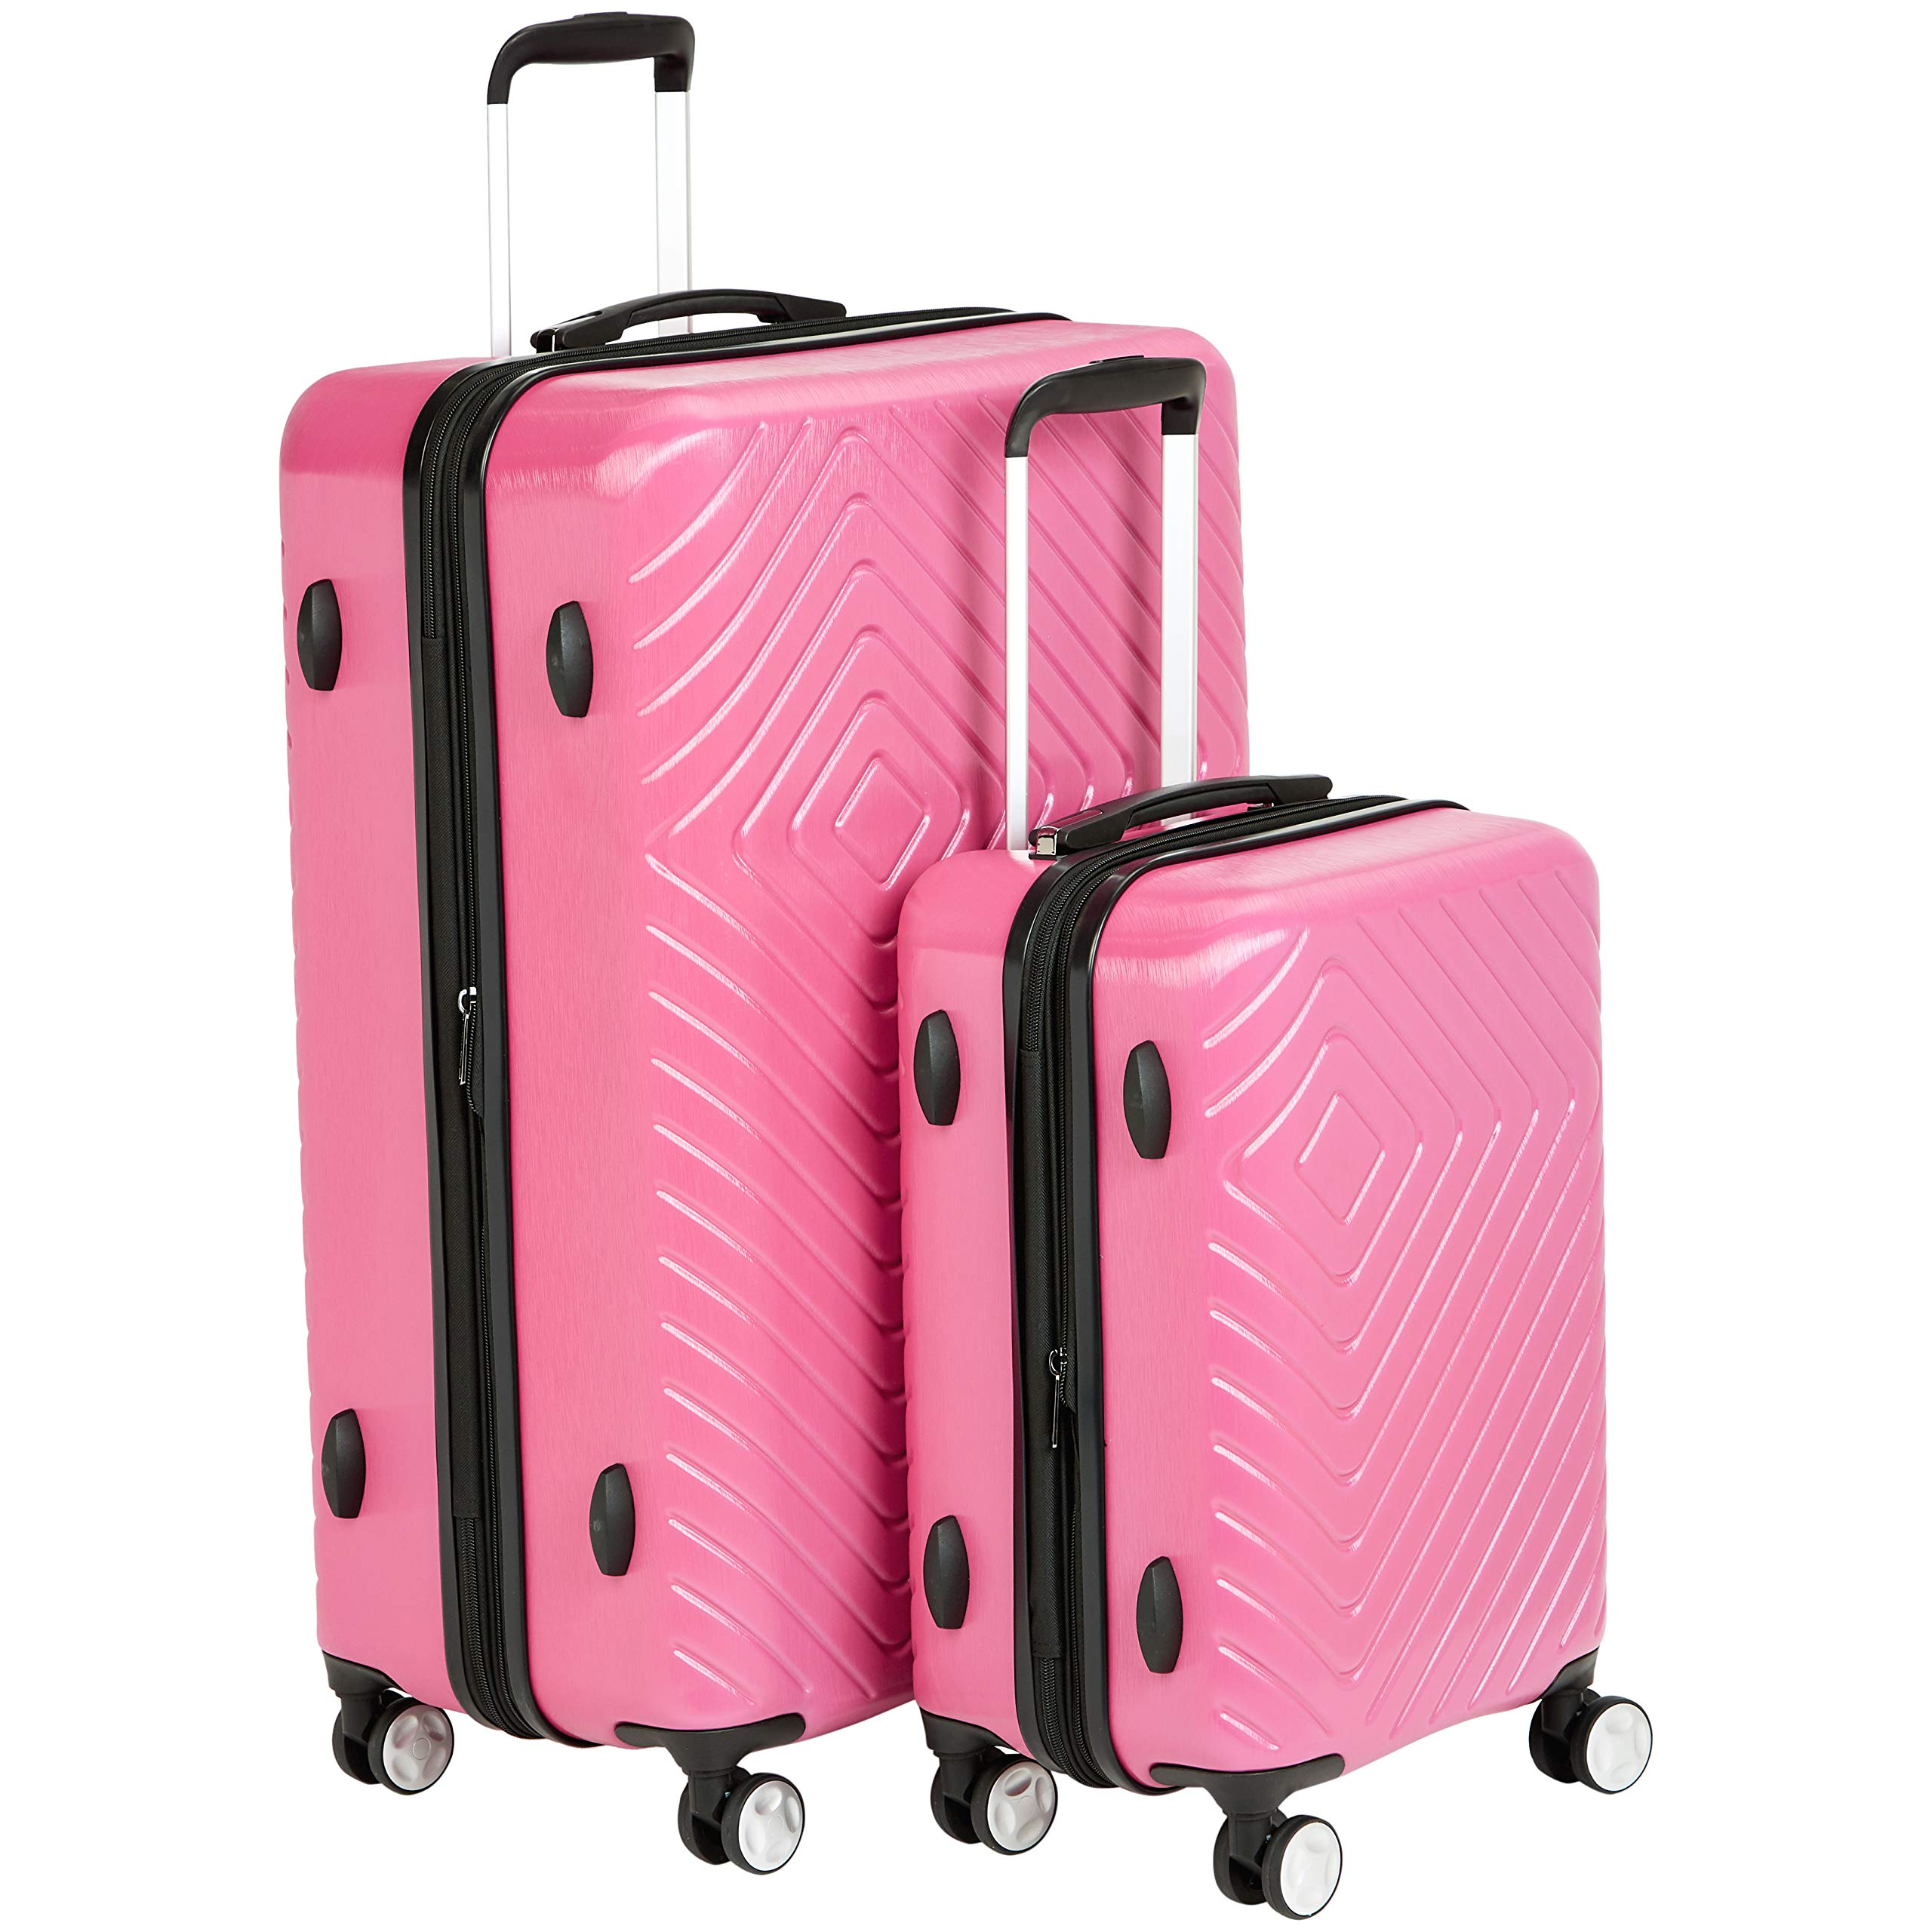 AmazonBasics Geometric Luggage Expandable Suitcase Spinner - 2 Piece Set (20'', 28''), Pink